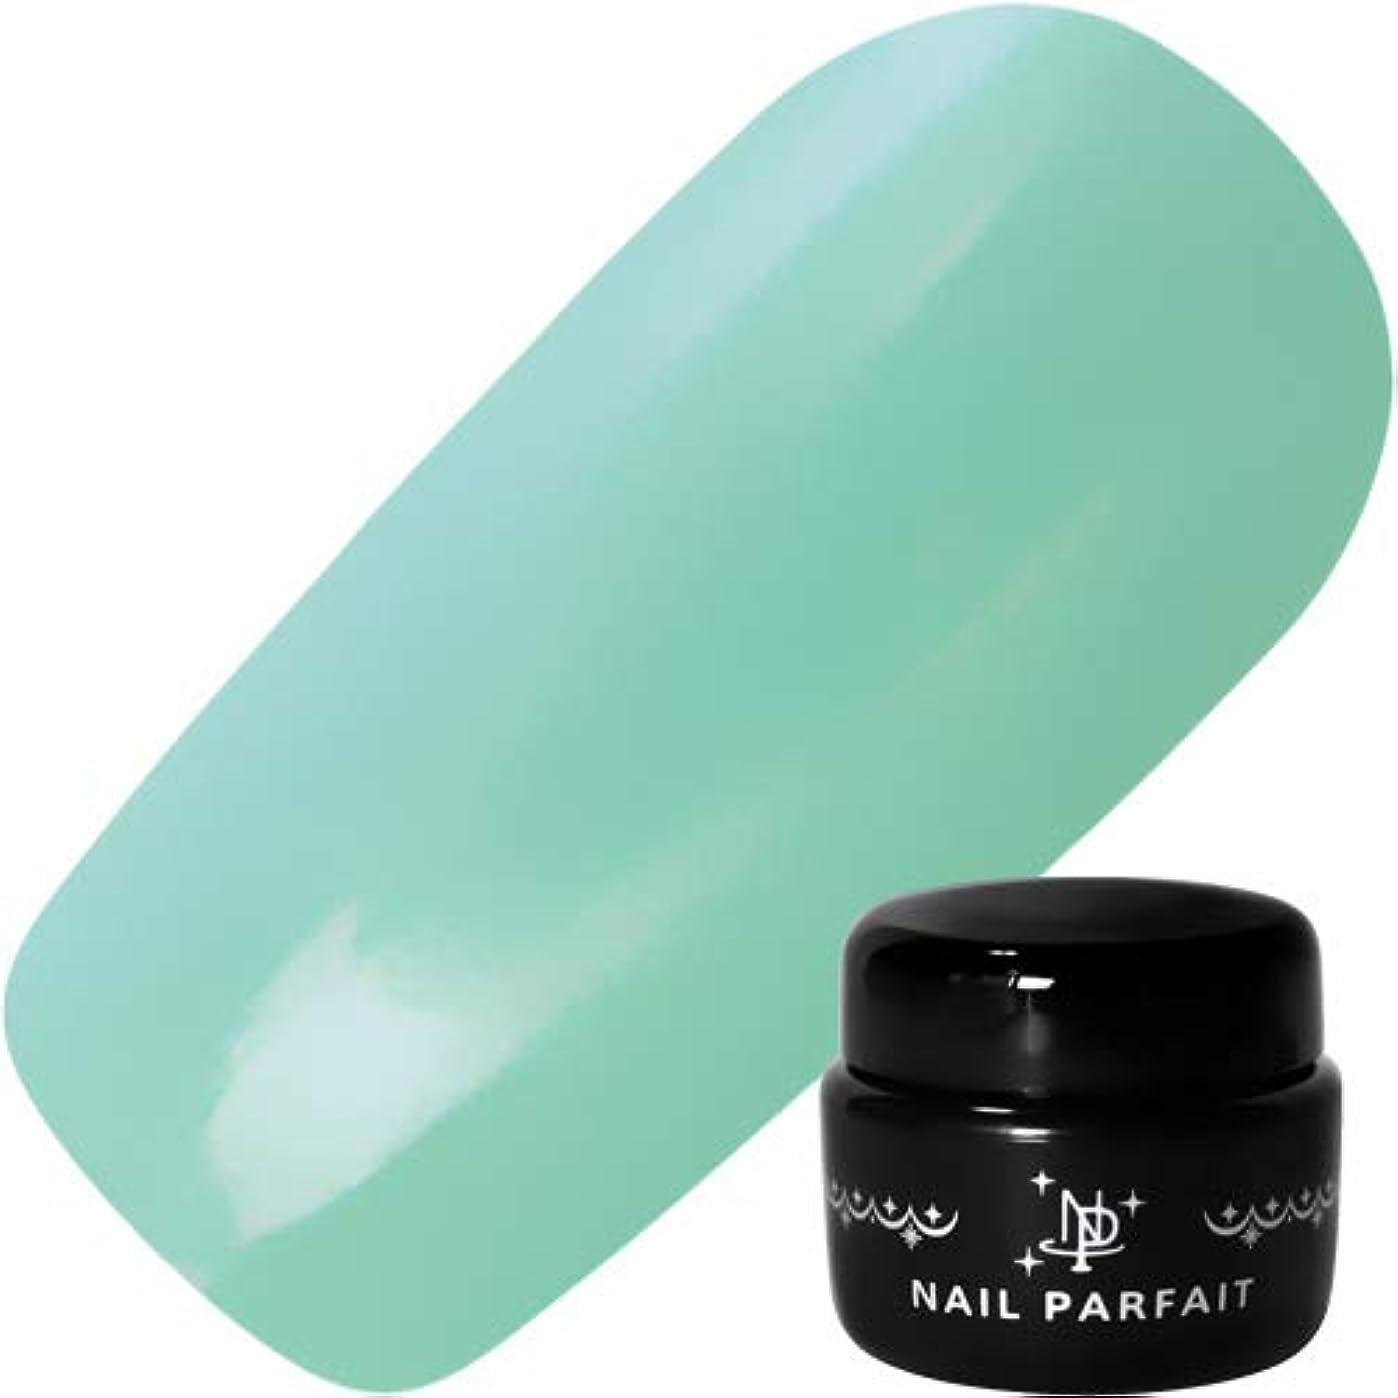 結紮最終縫い目NAIL PARFAIT ネイルパフェ カラージェル A54ペールグリーン 2g 【ジェル/カラージェル?ネイル用品】